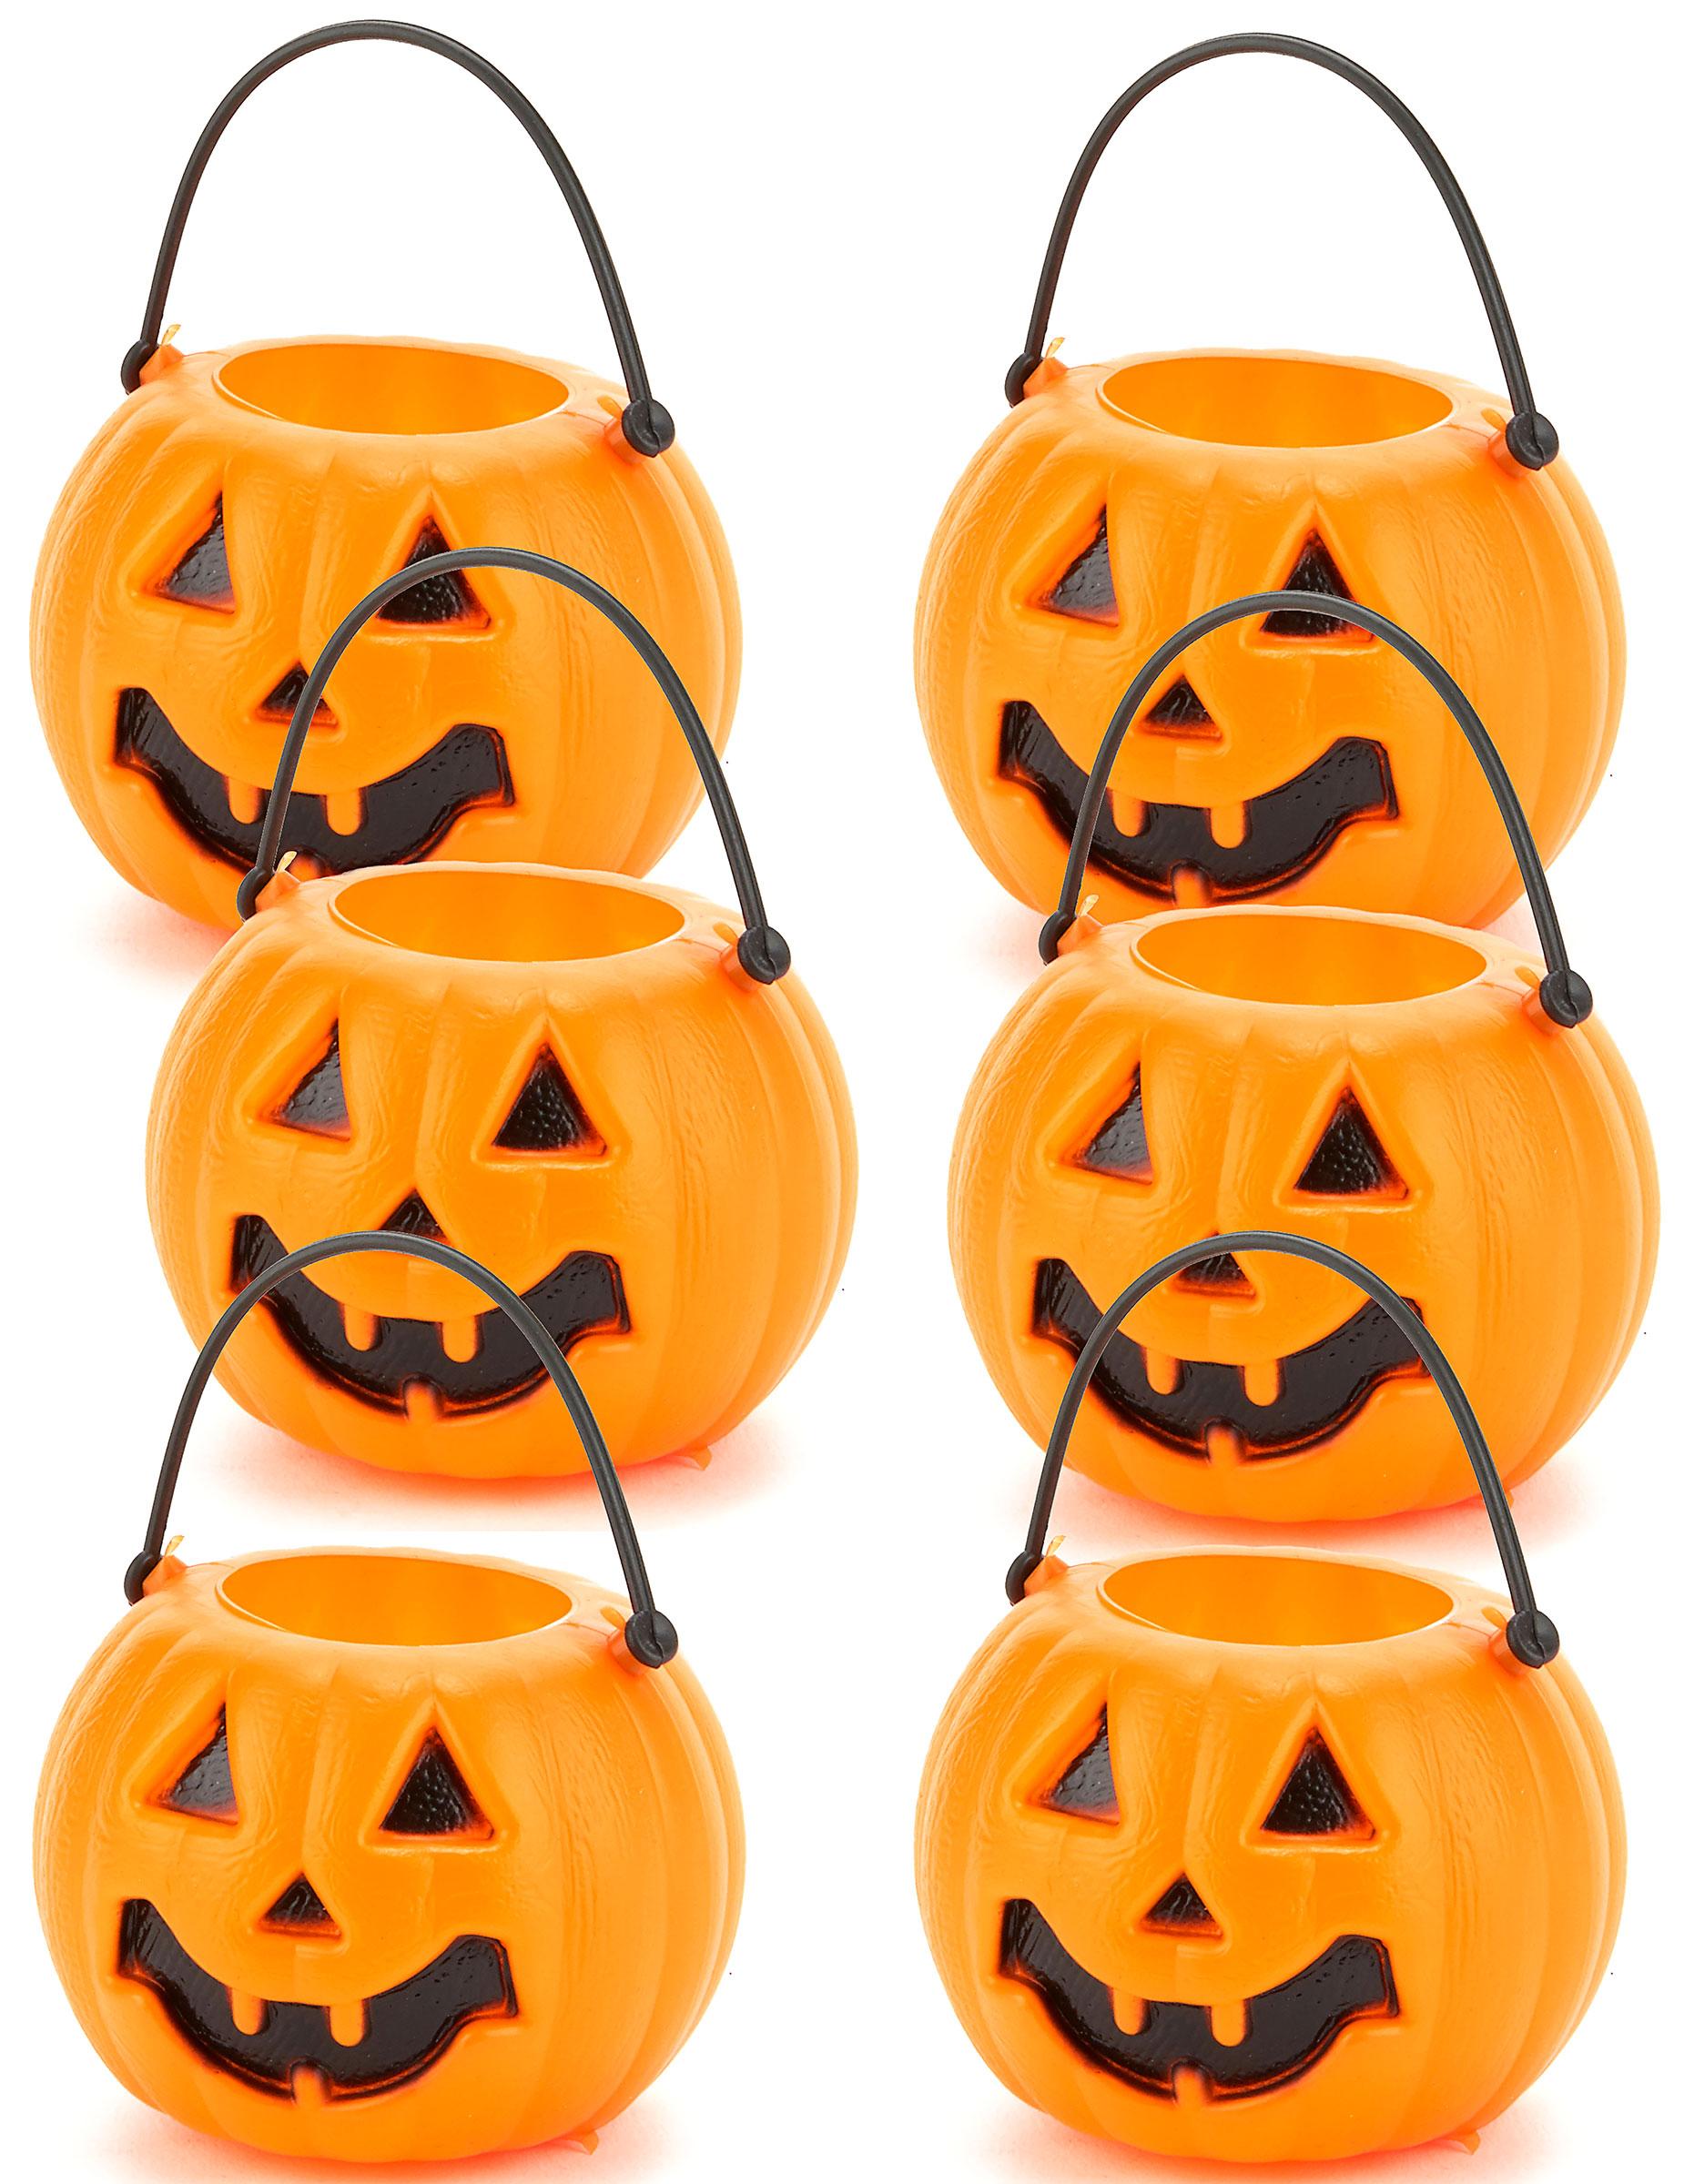 set de 6 calabazas halloween accesorios y disfraces originales baratos vegaoo. Black Bedroom Furniture Sets. Home Design Ideas